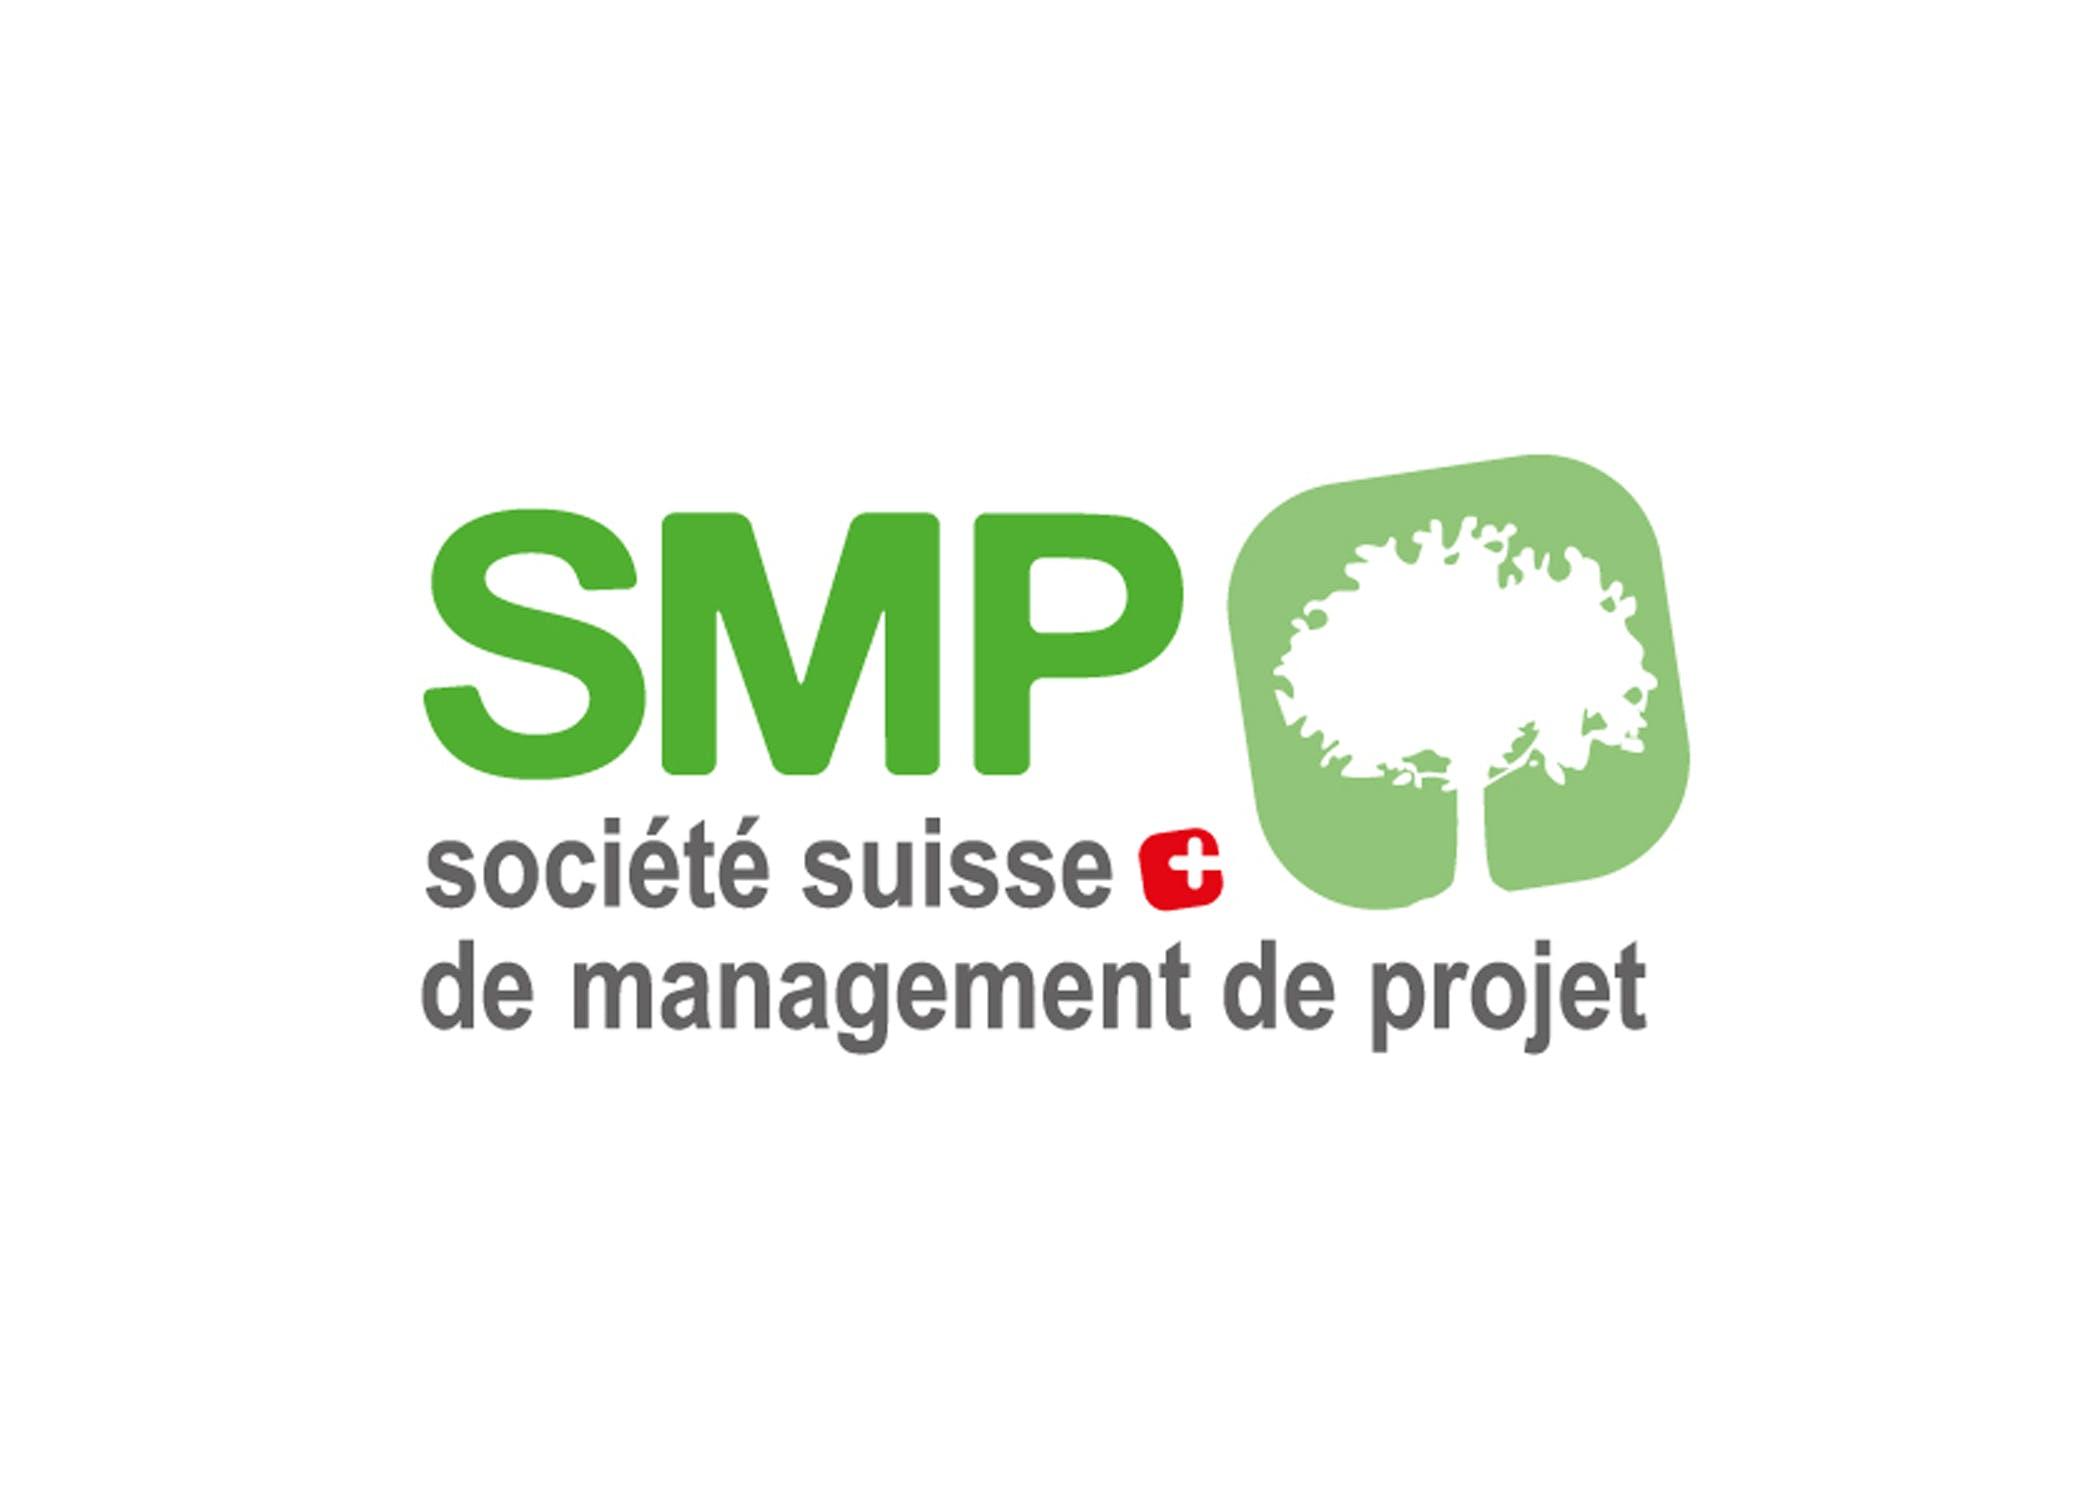 Soirée-débat SMP: https://www.eventbrite.com/